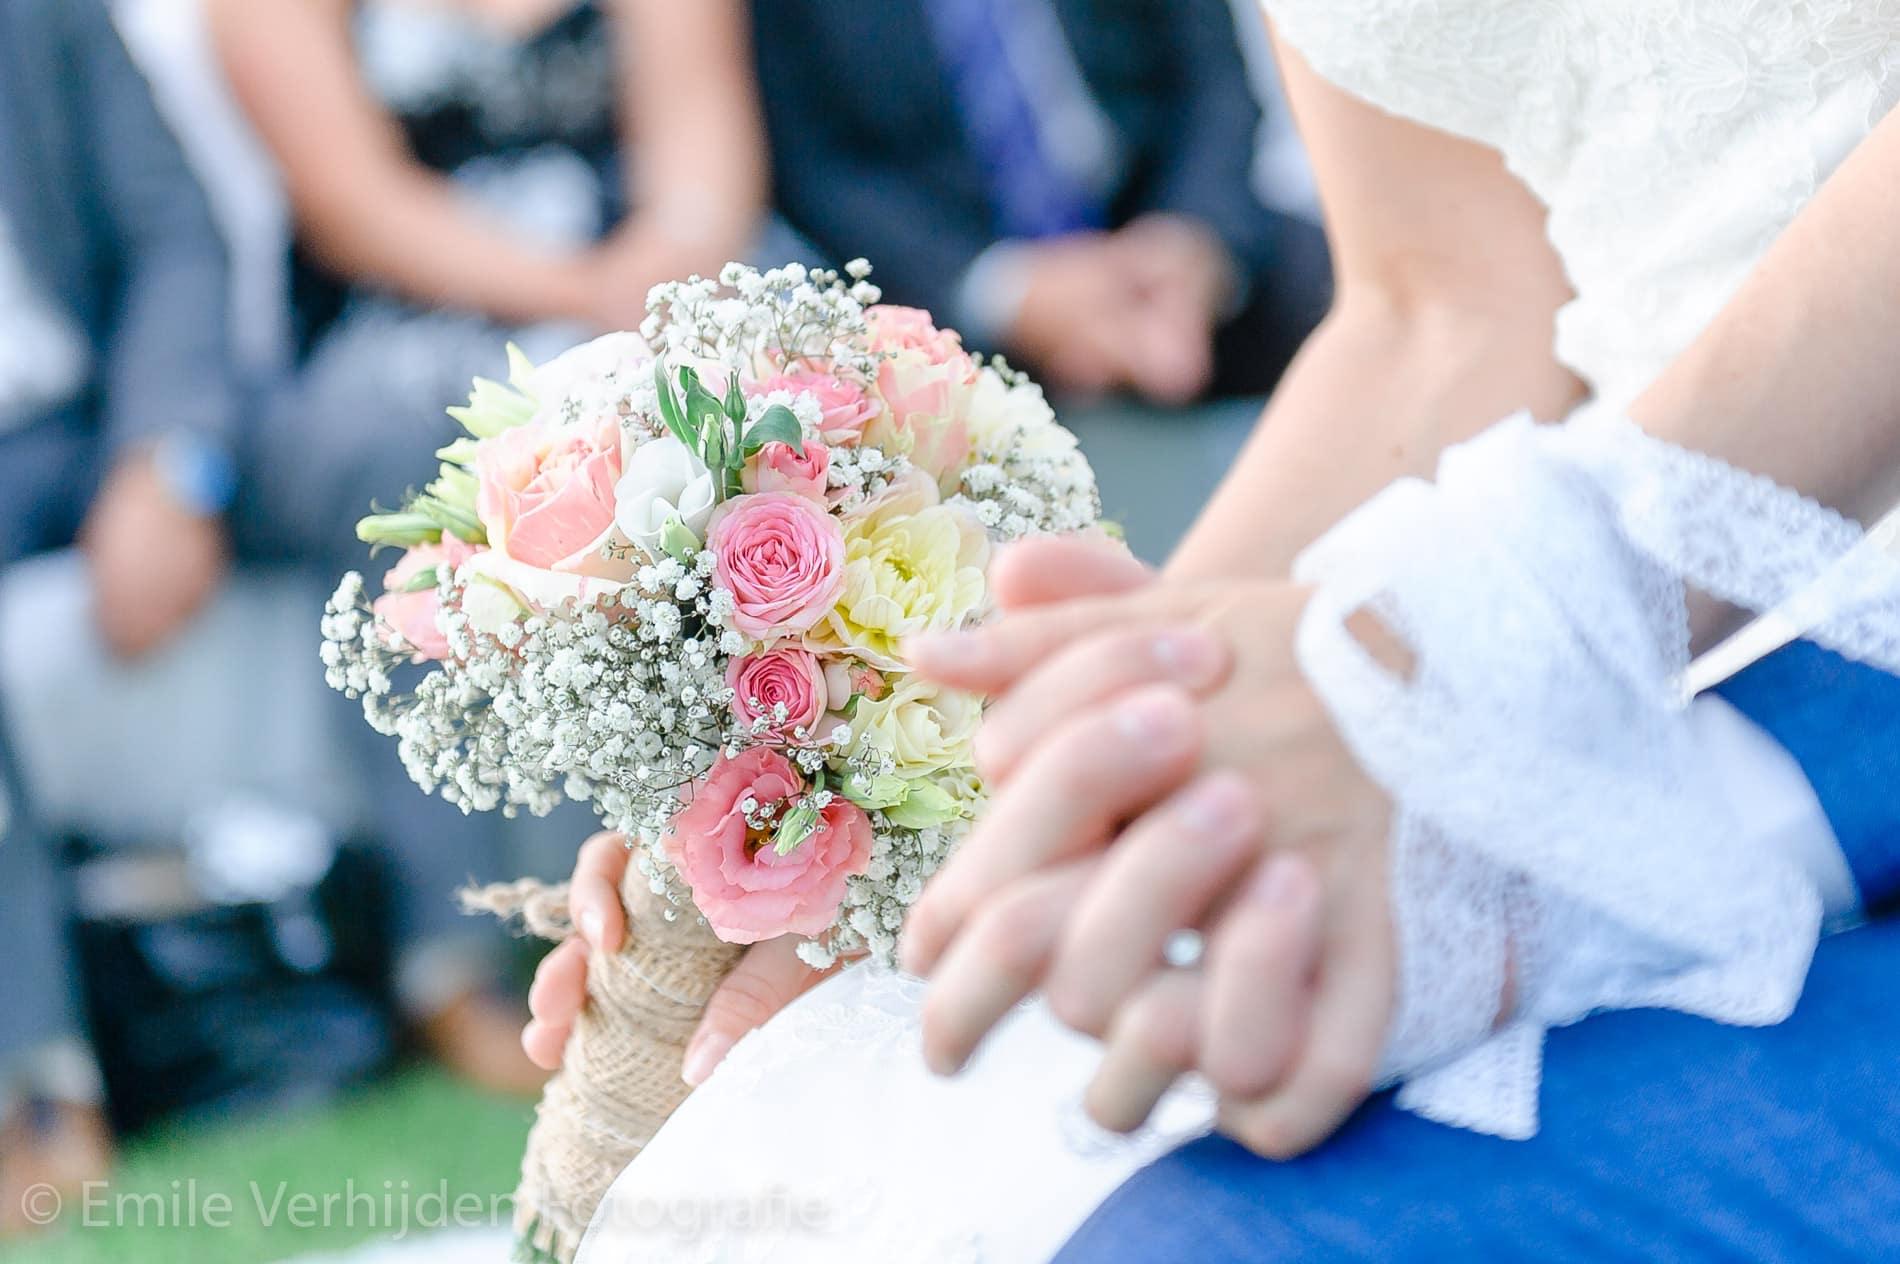 Closeup bruidsboeket tijdens de ceremonie